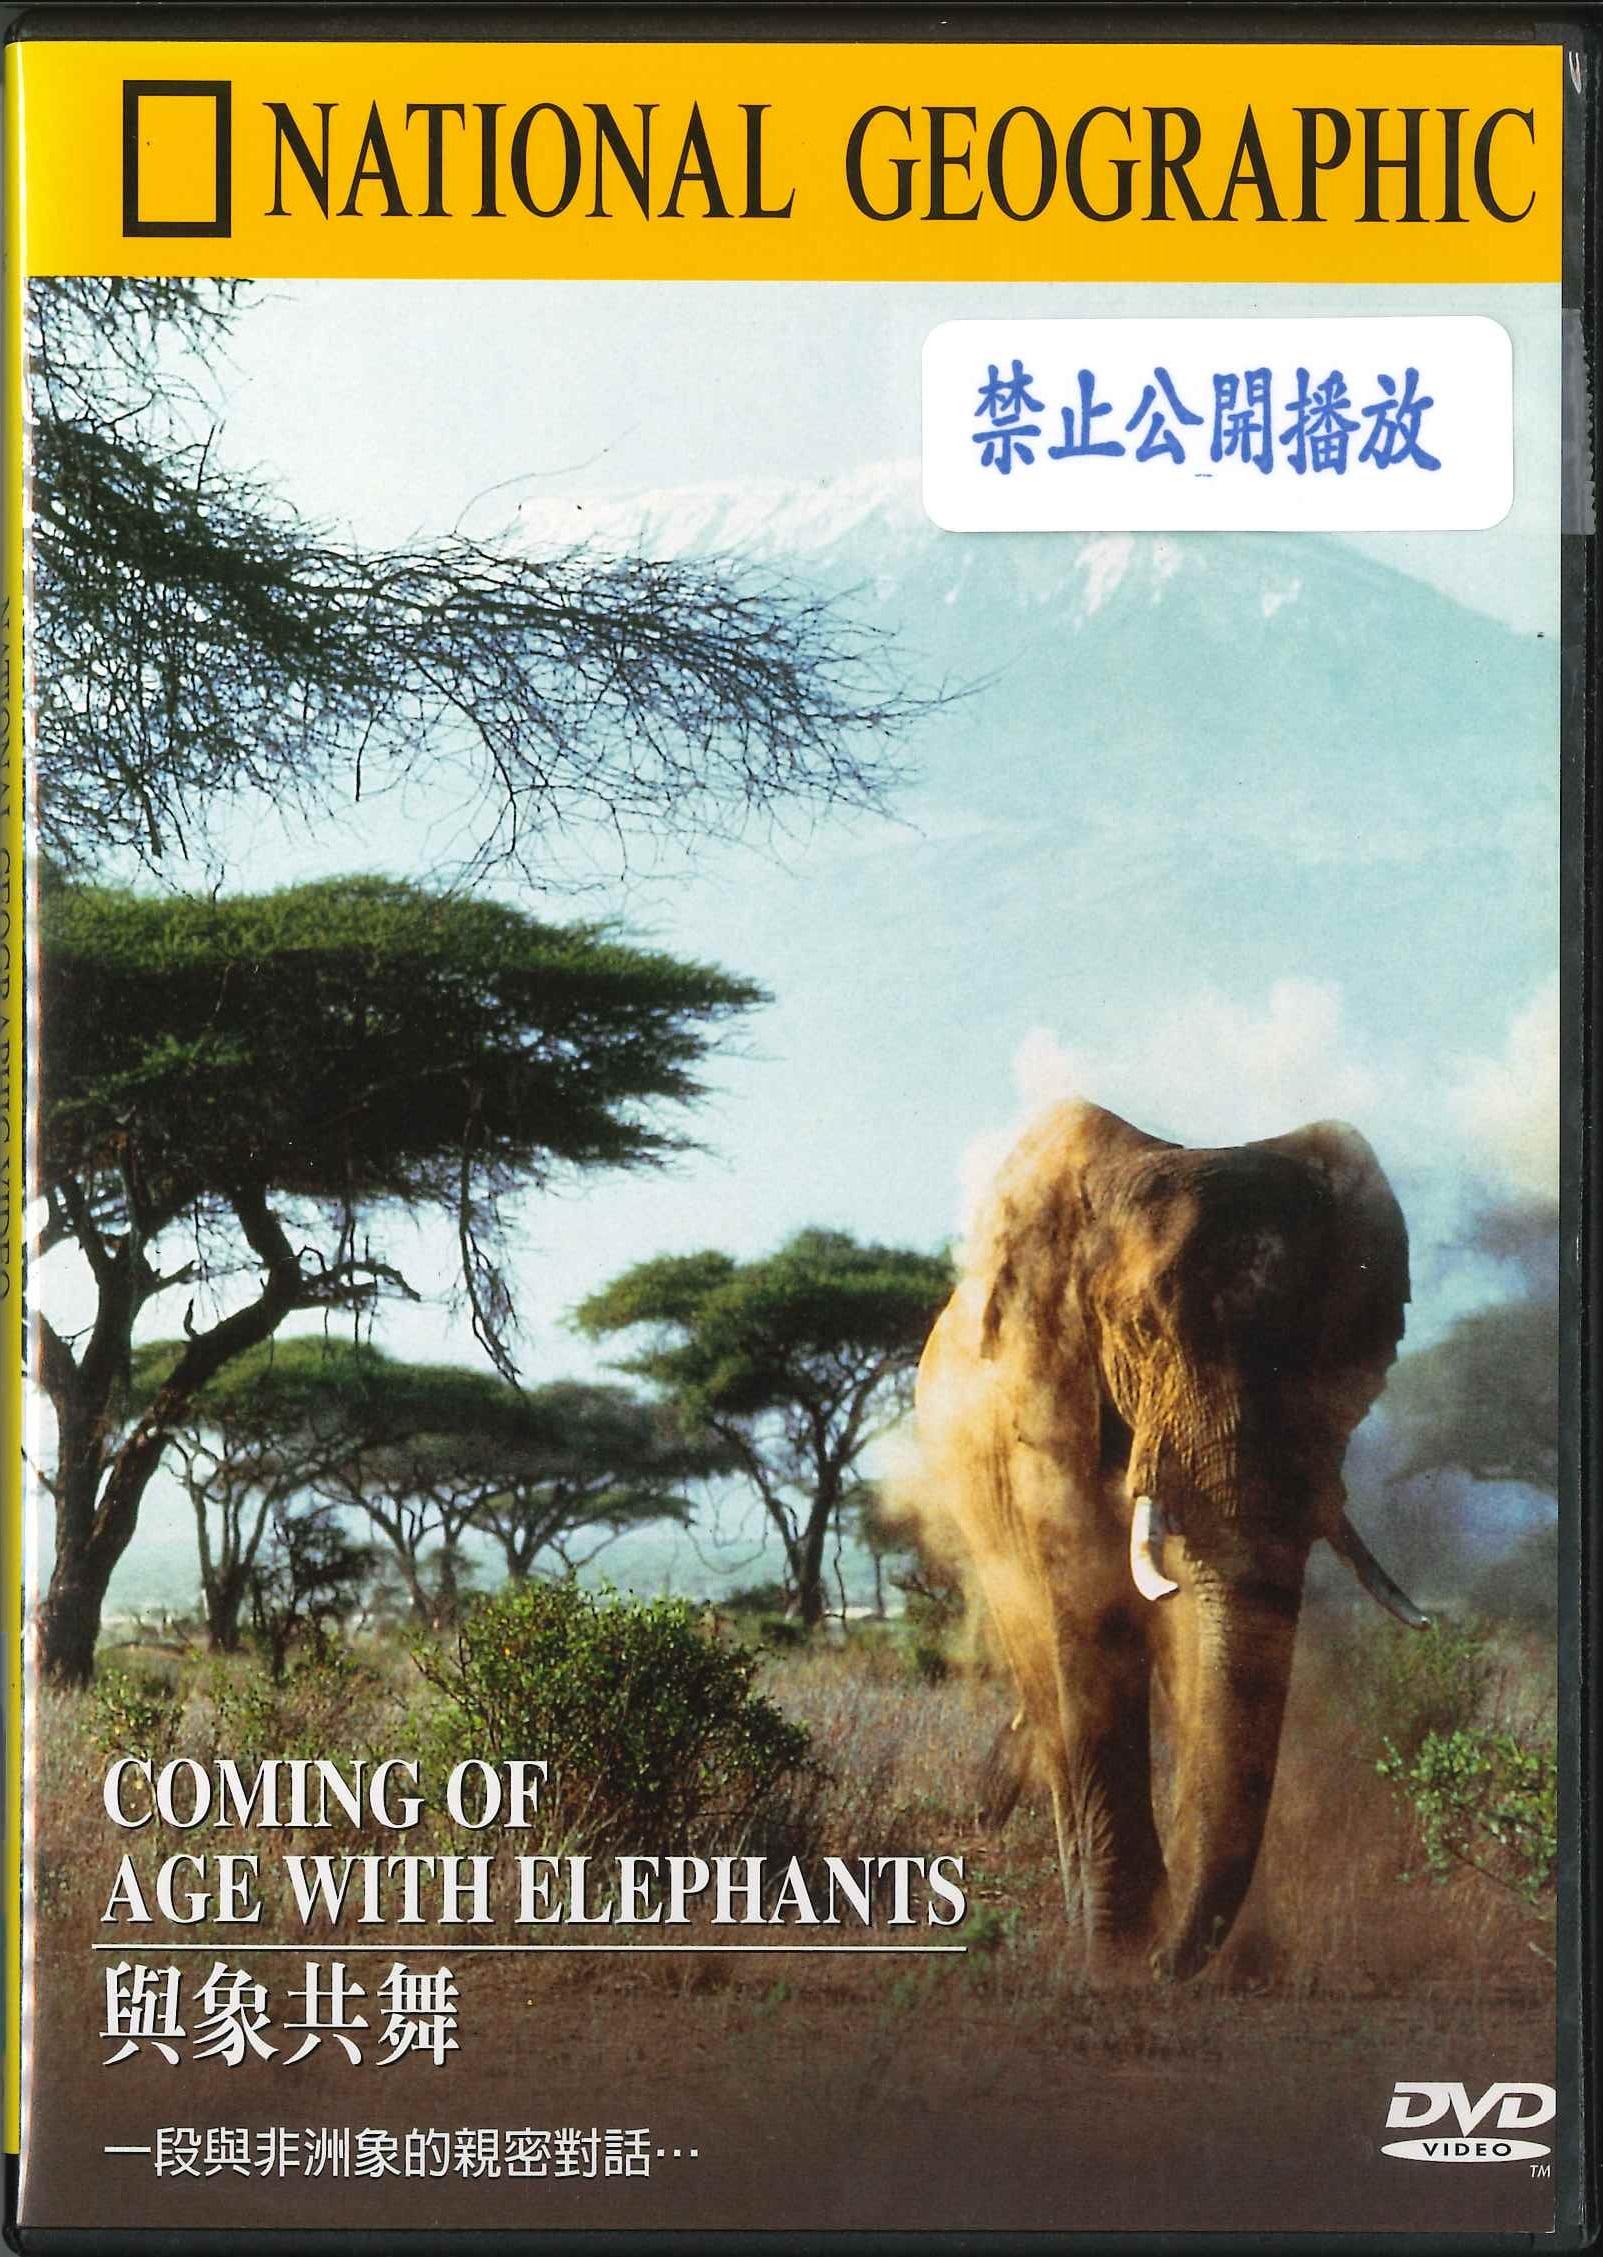 與象共舞 [錄影資料]=Coming of age with elephants